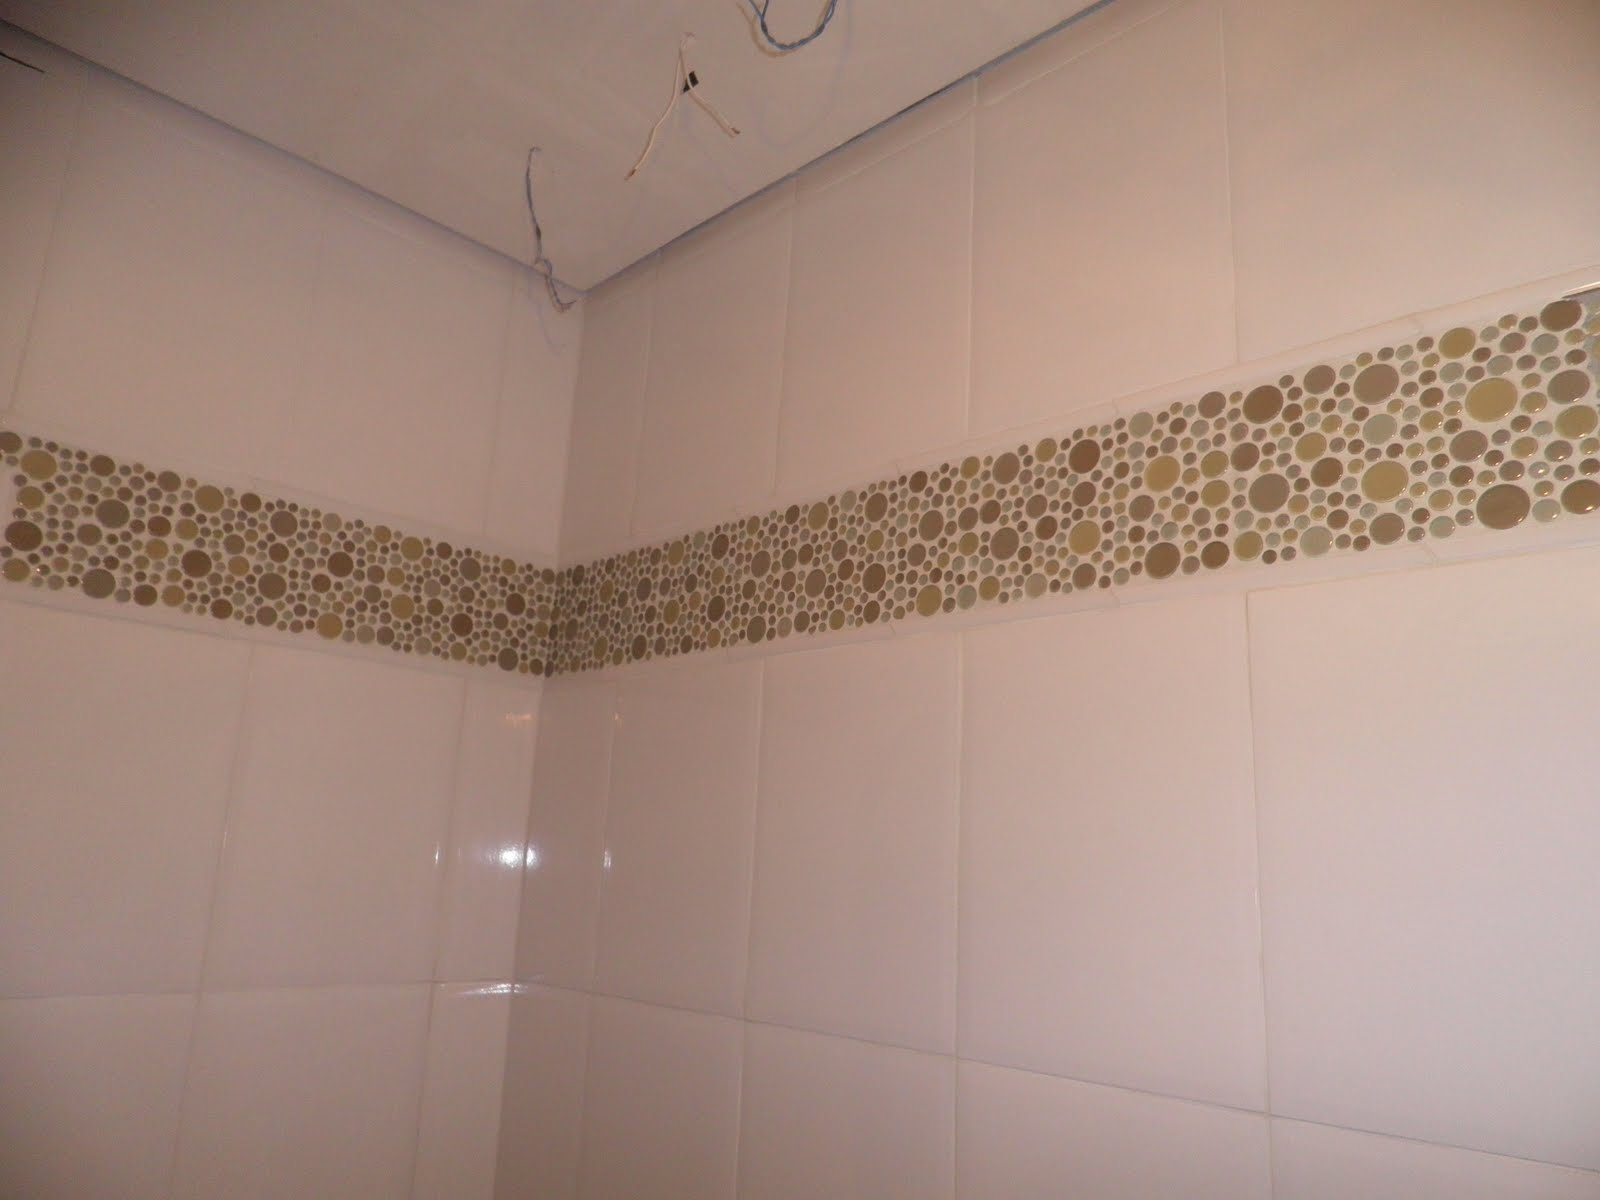 bancada do banheiro nao estou com muita sorte com as bancadas primeiro  #664C3A 1600x1200 Bancada Banheiro Saia